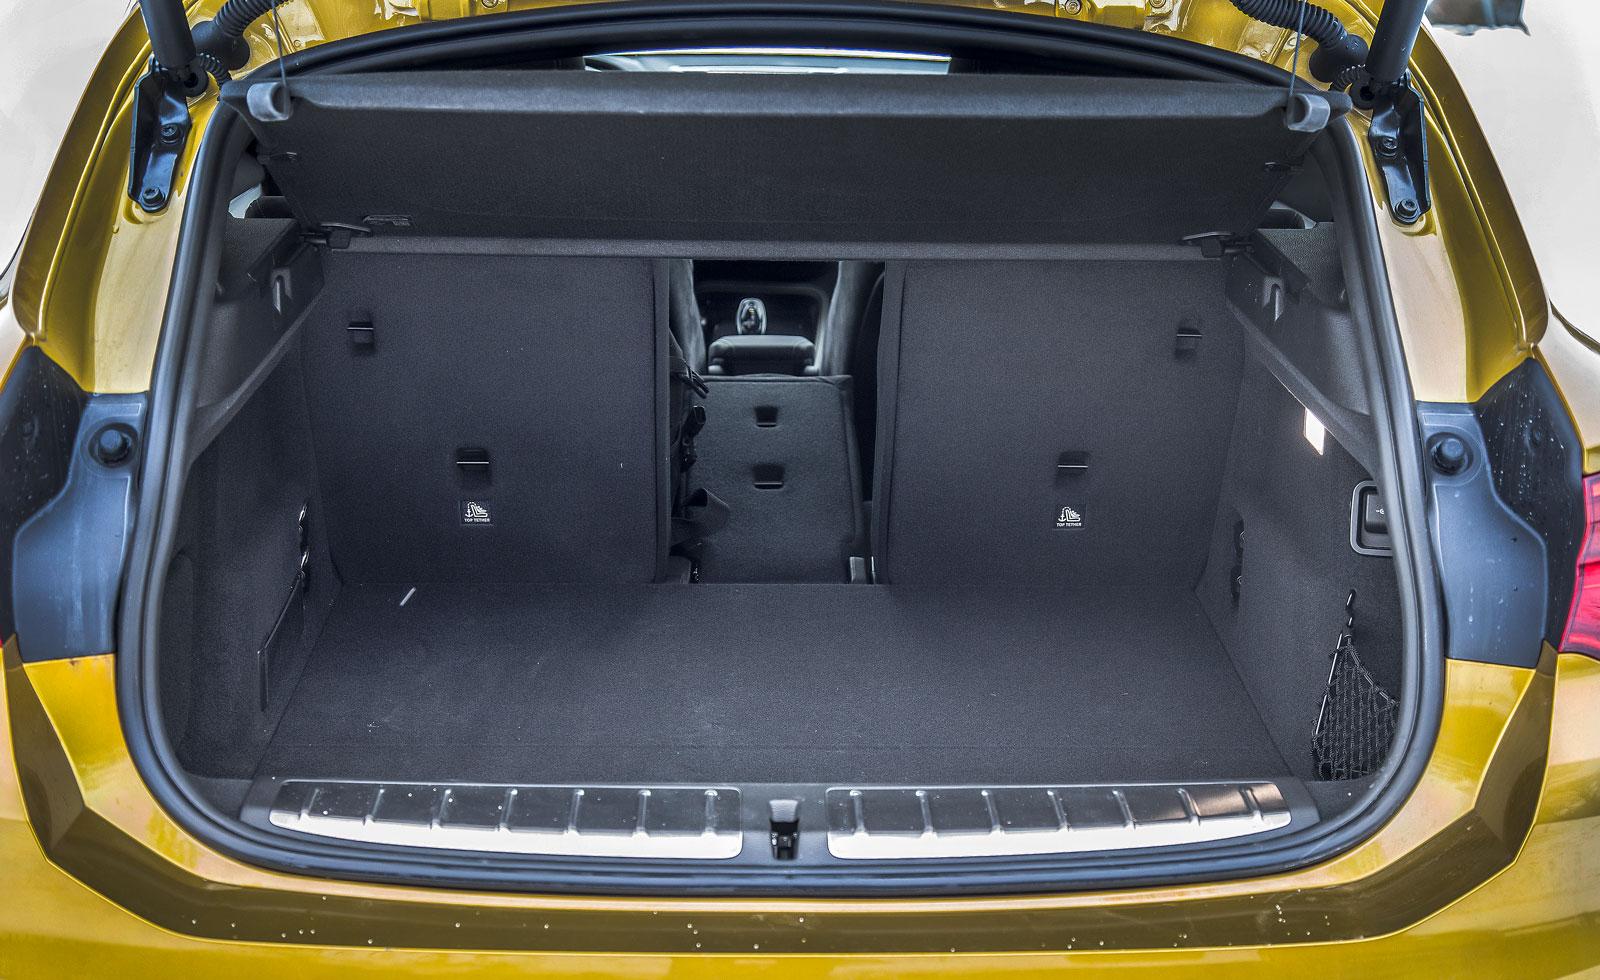 Ganska begränsat bagageutrymme med inskränkt höjd. Baksätets delning 40/20/40 är standard och ökar flexibiliteten. Elbaklucka kostar 4300 kronor.